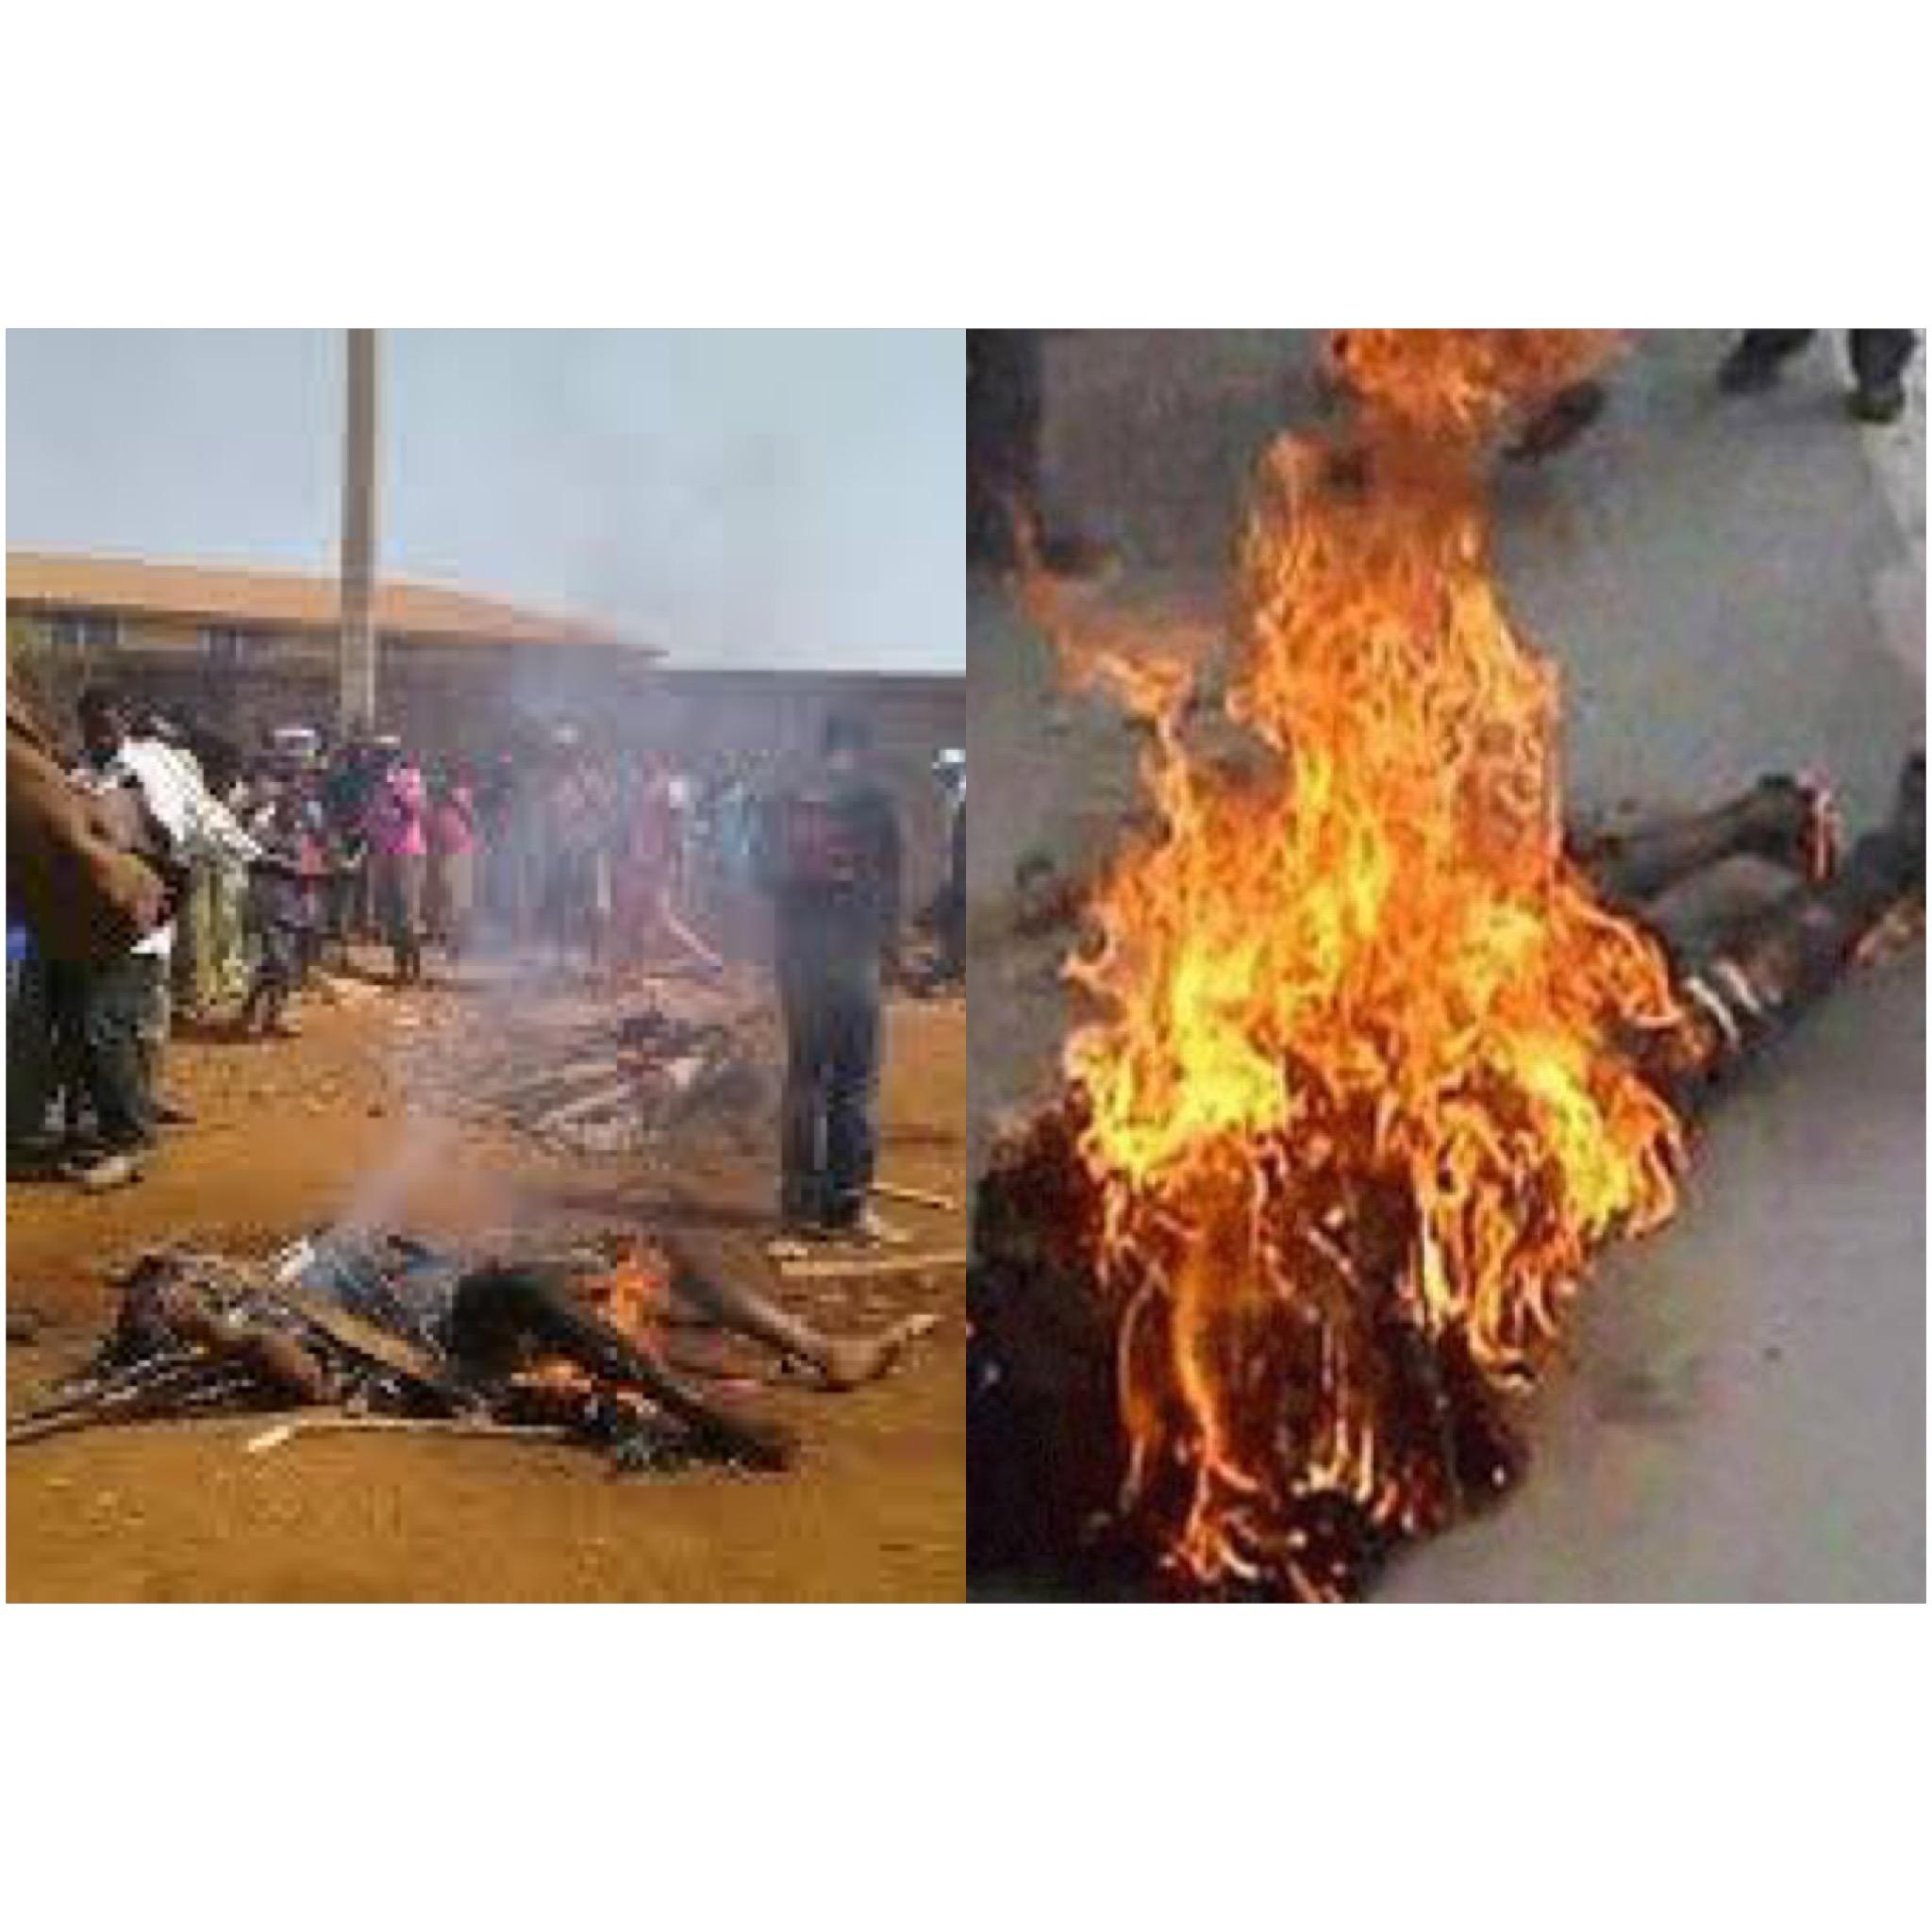 N'Zerekore Guinee des hommes brûlées vifs